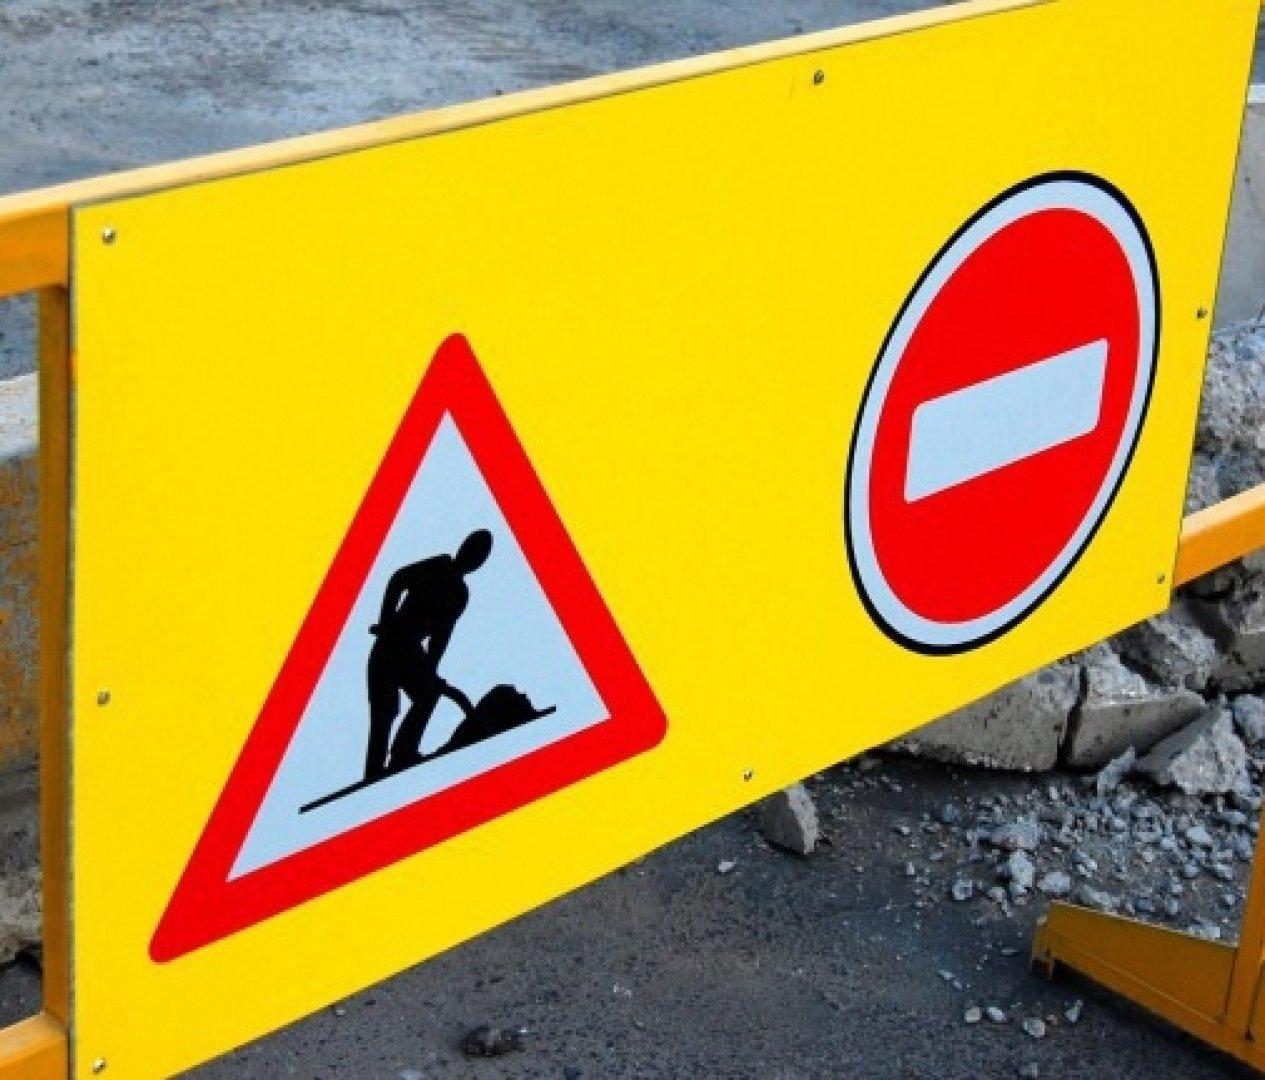 Забраната за движение влиза в сила от 12-ти ноември. Снимка Архив